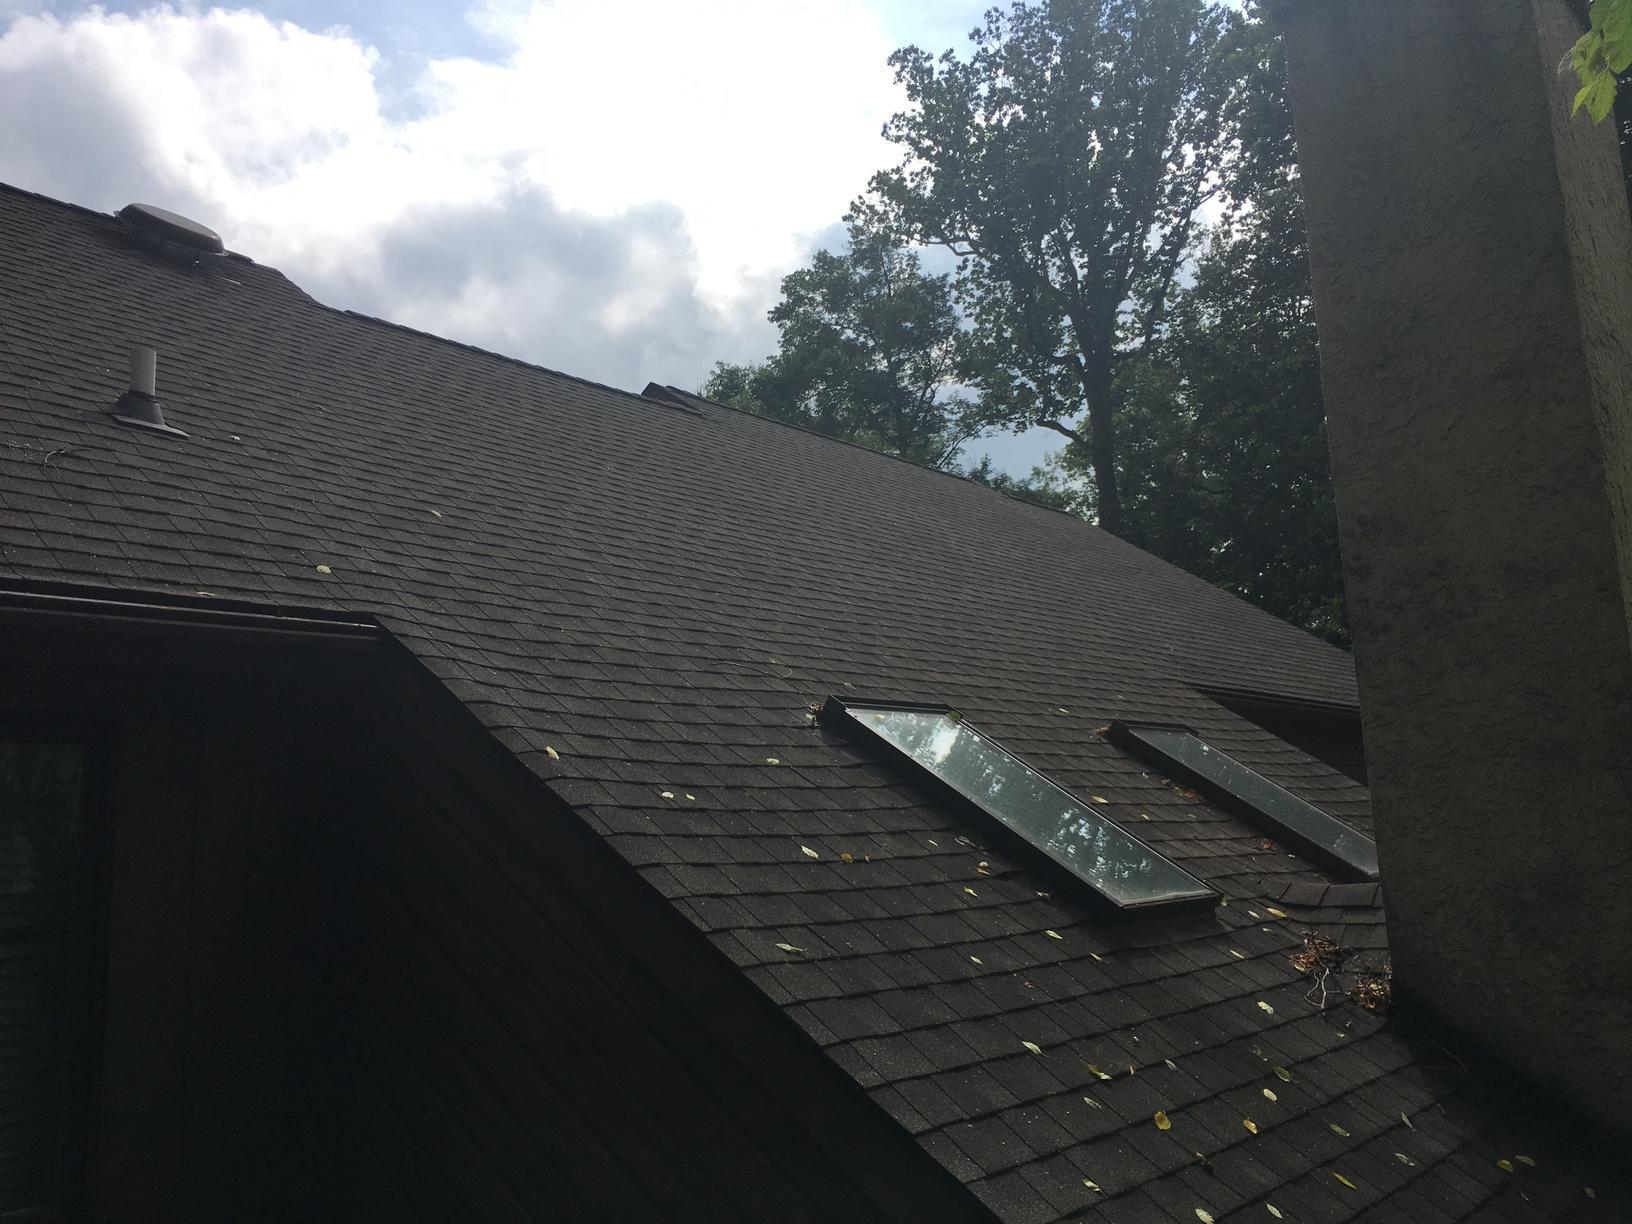 Working Around Skylights on Asphalt Roof